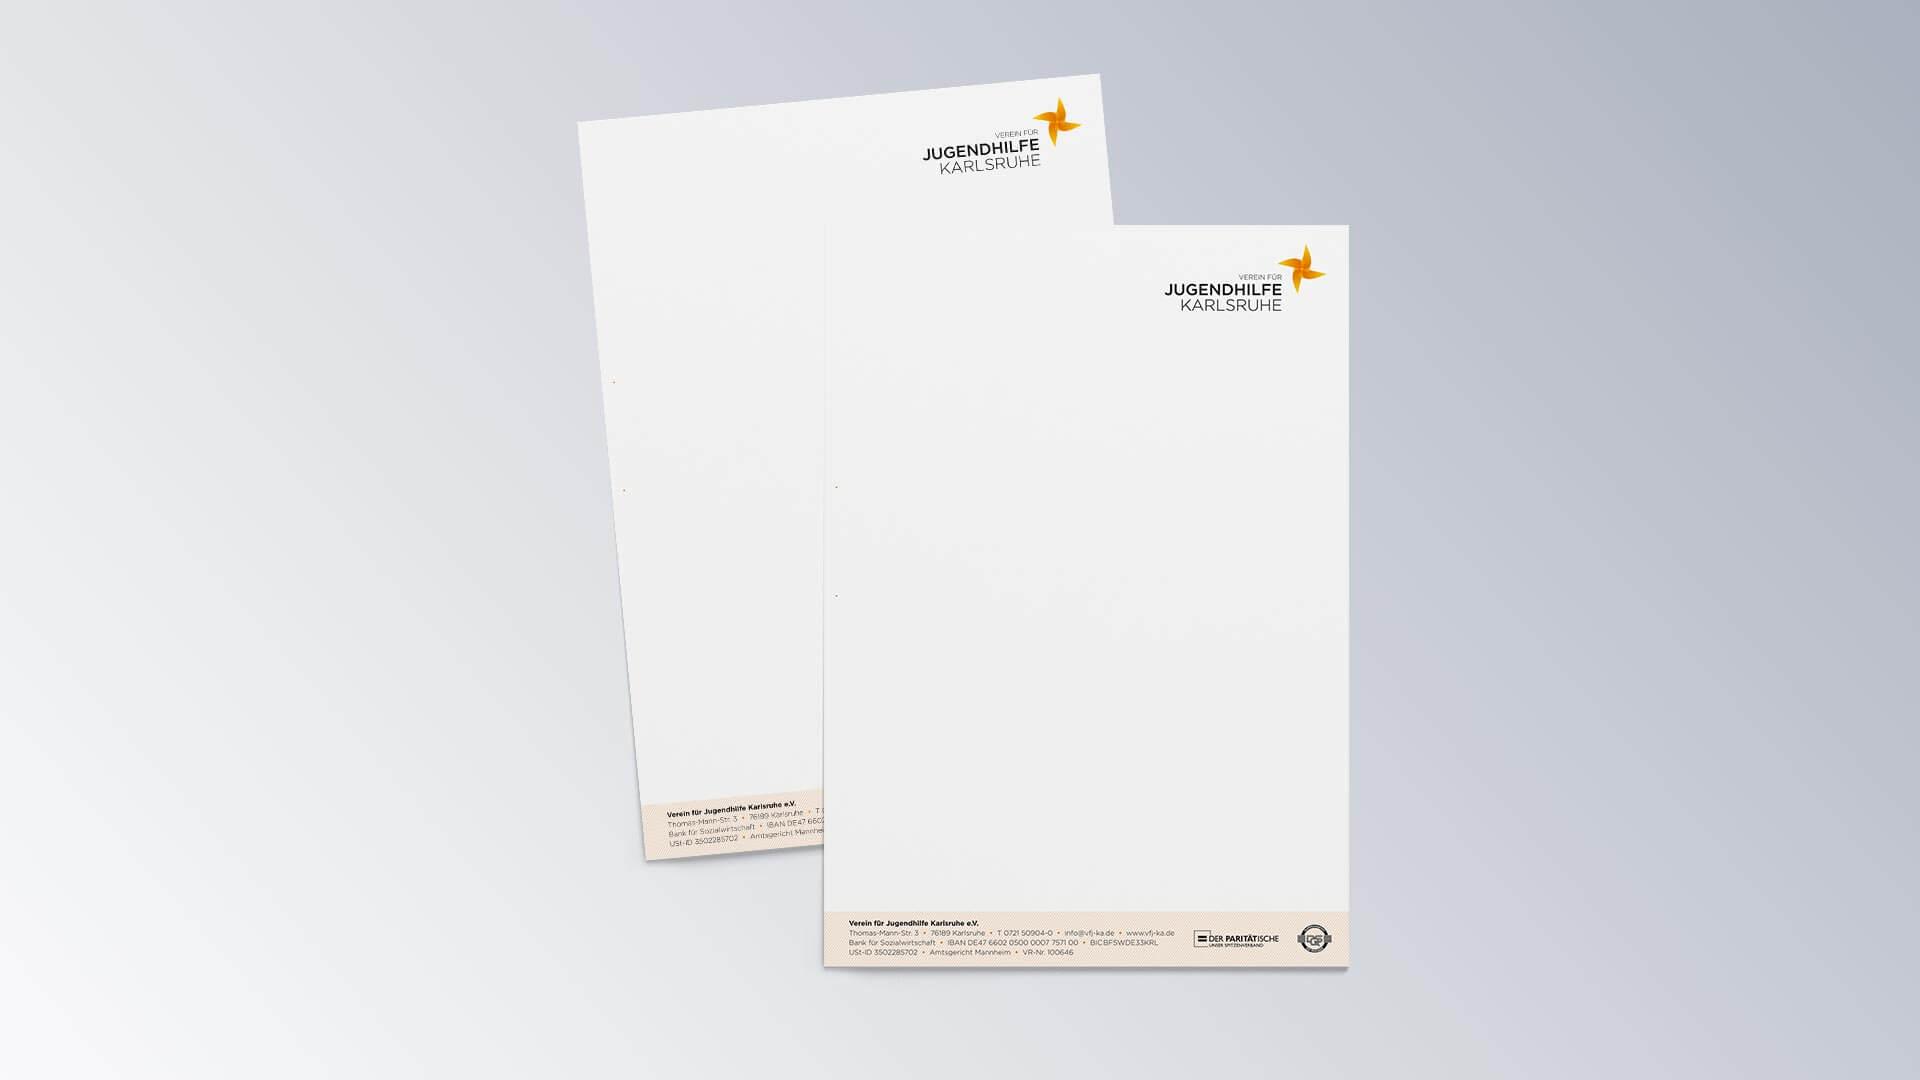 Verein für Jugendhilfe Karlsruhe e.V. Briefbogen